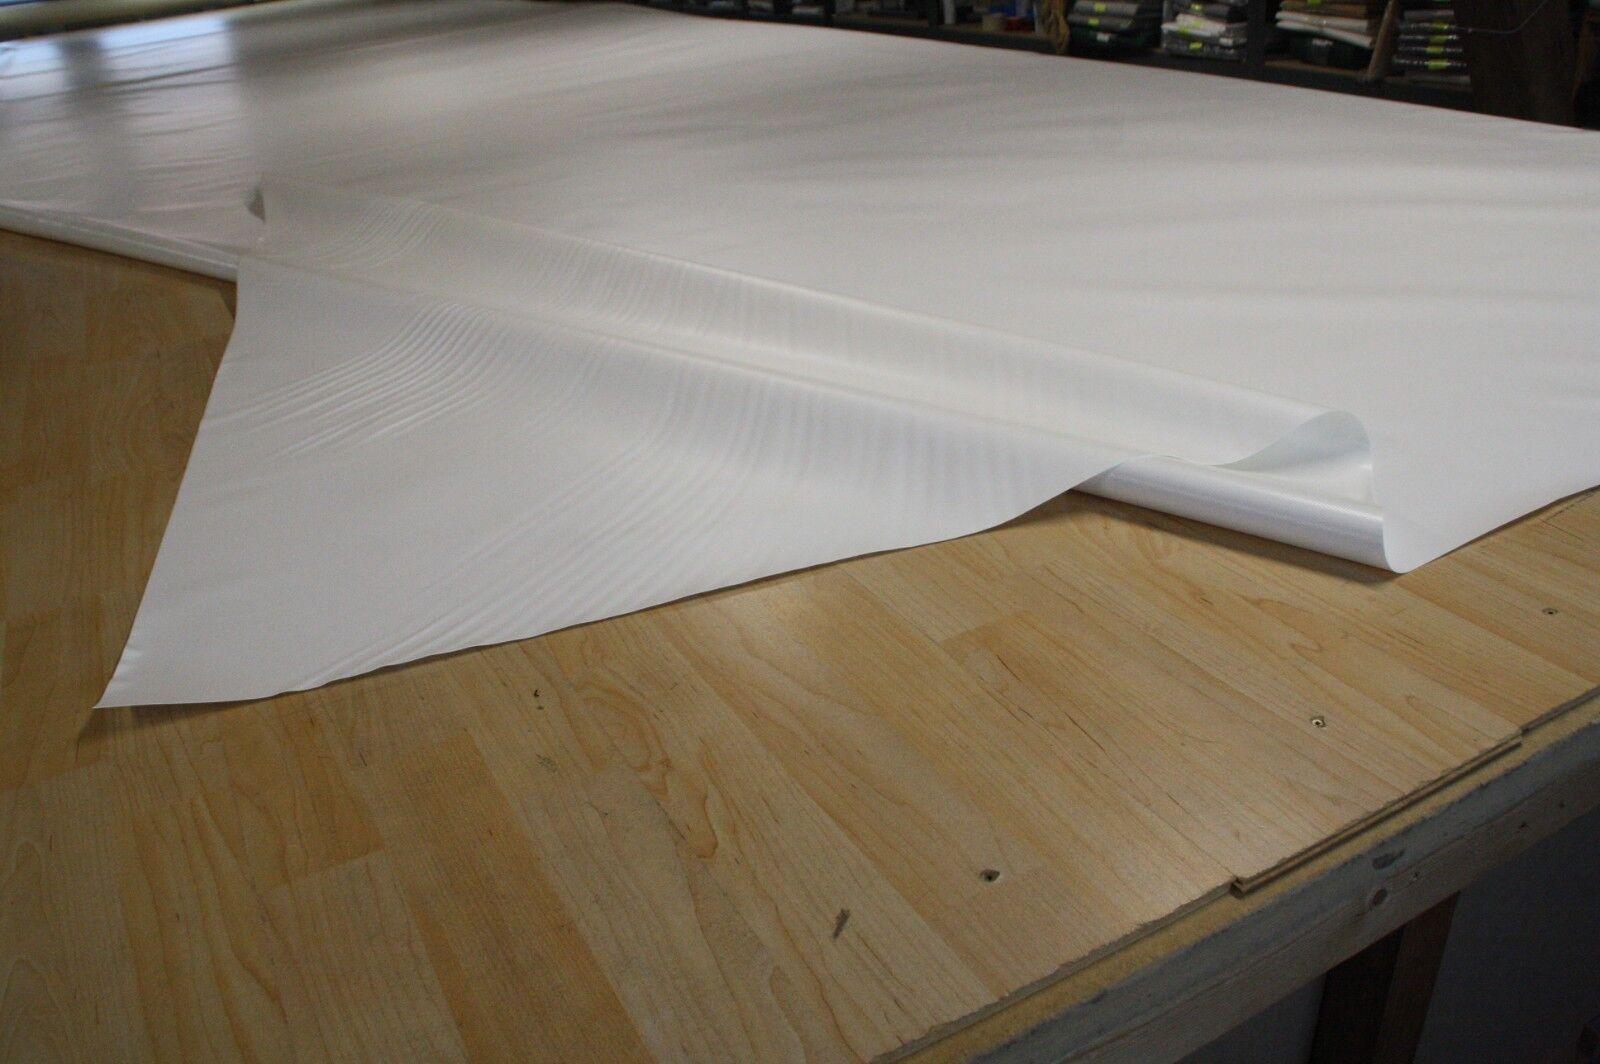 3,30   m² camión lona lona cobertora jeto 700g m² blancoo Tallas diferentes para seleccionar